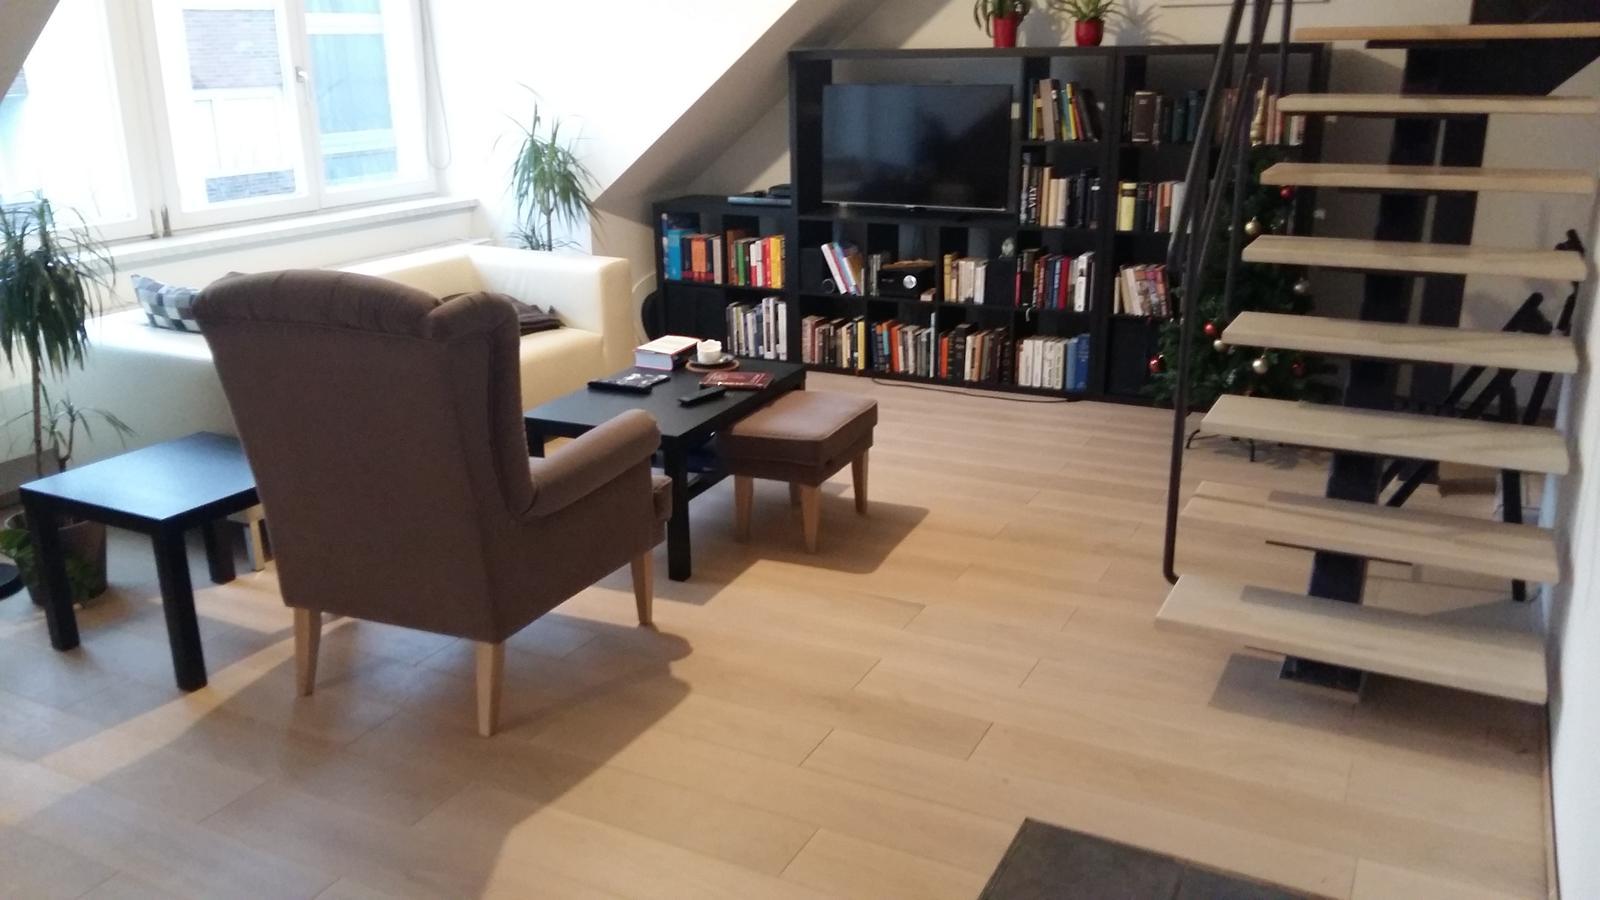 Drevená podlaha SAXOPARKET - kolekcia DYNAMIC 1100 triedenie SELEKT v bielom oleji - Obrázok č. 1